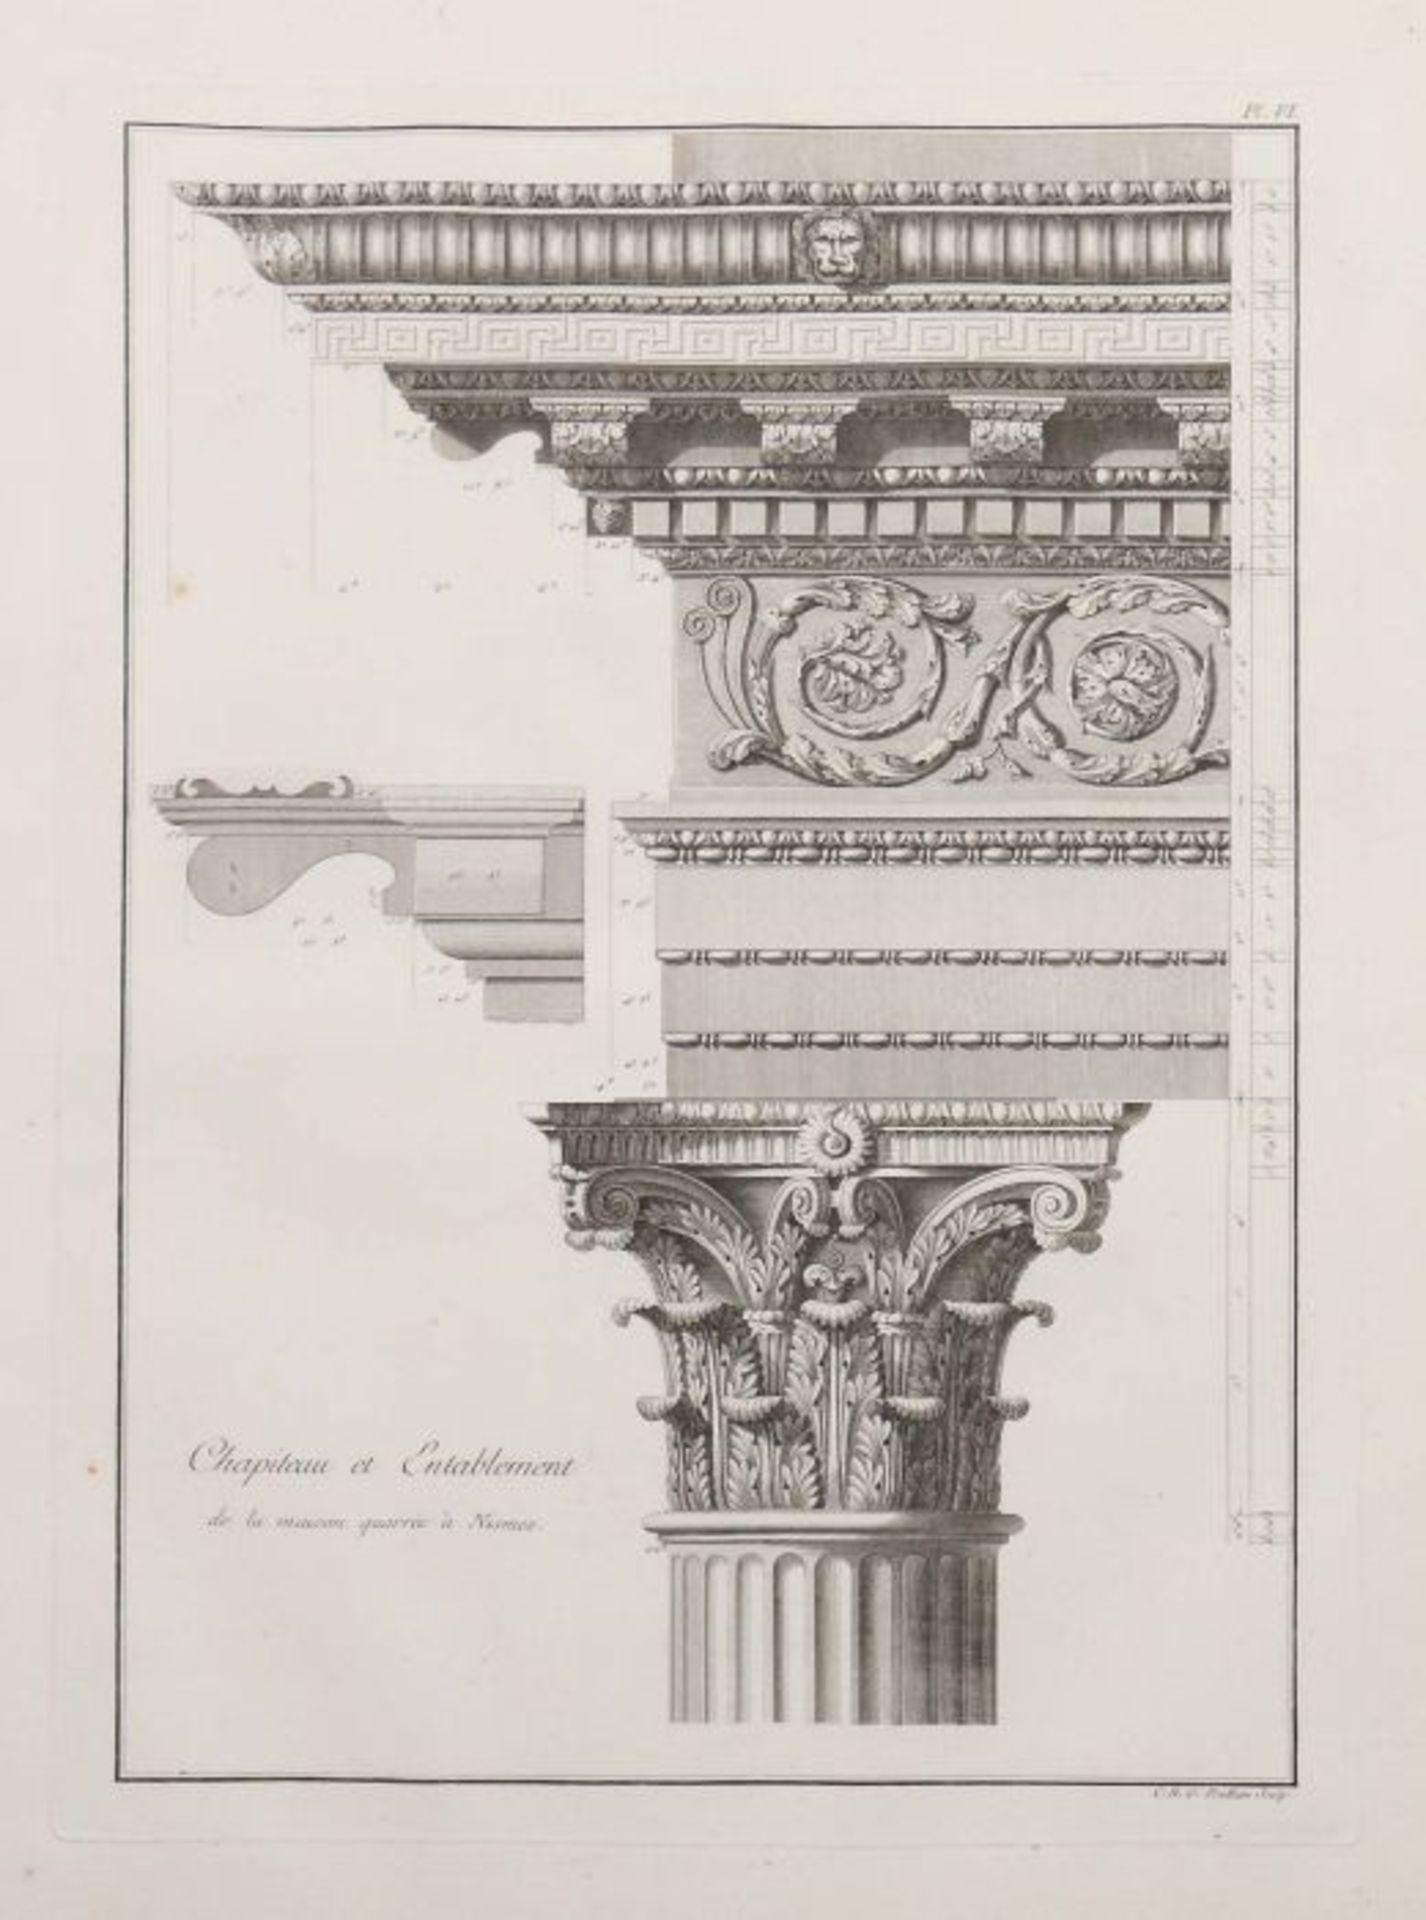 Clérisseau, Charles-Louis Antiquités de la France - Monumens de Nismes, Pierres, Paris, 1778, - Bild 6 aus 11